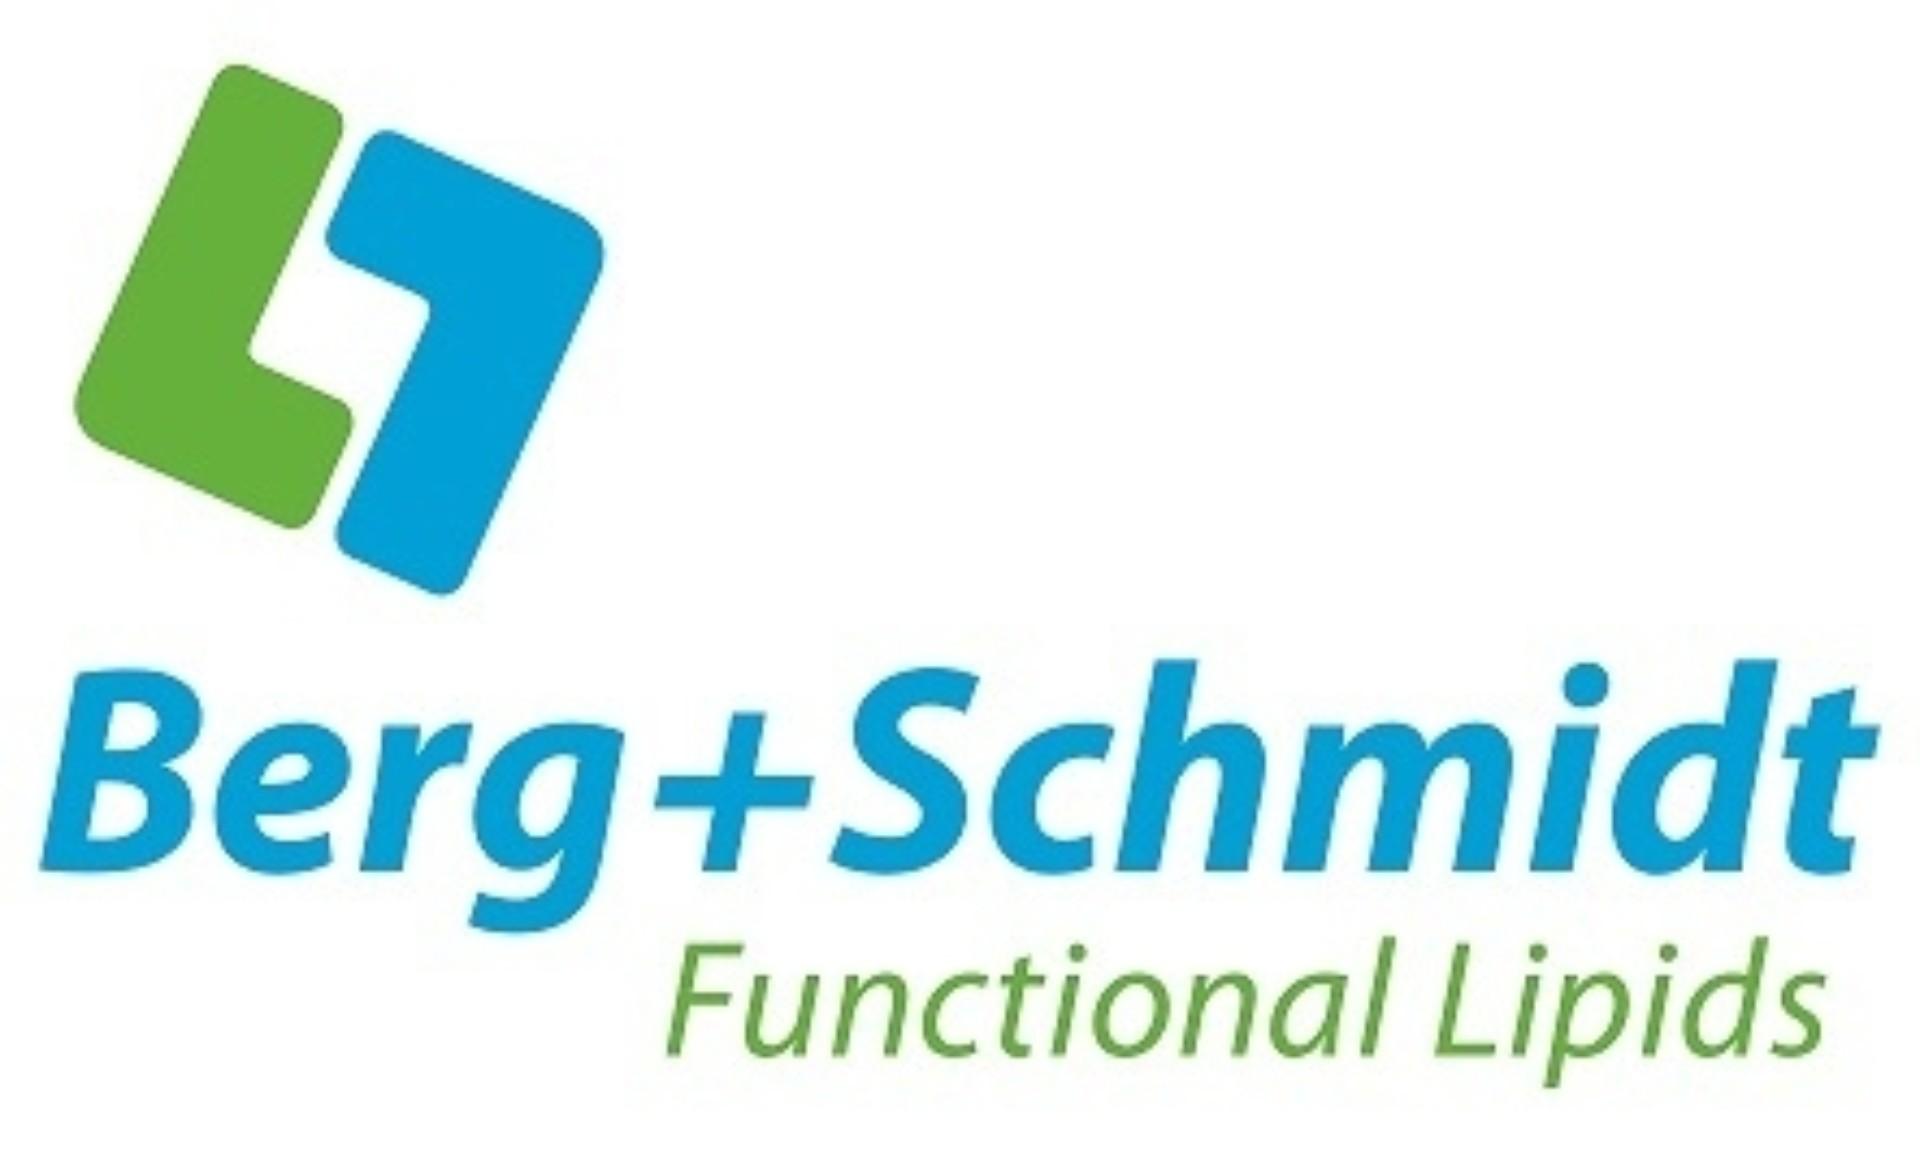 Berg & Schmidt logo